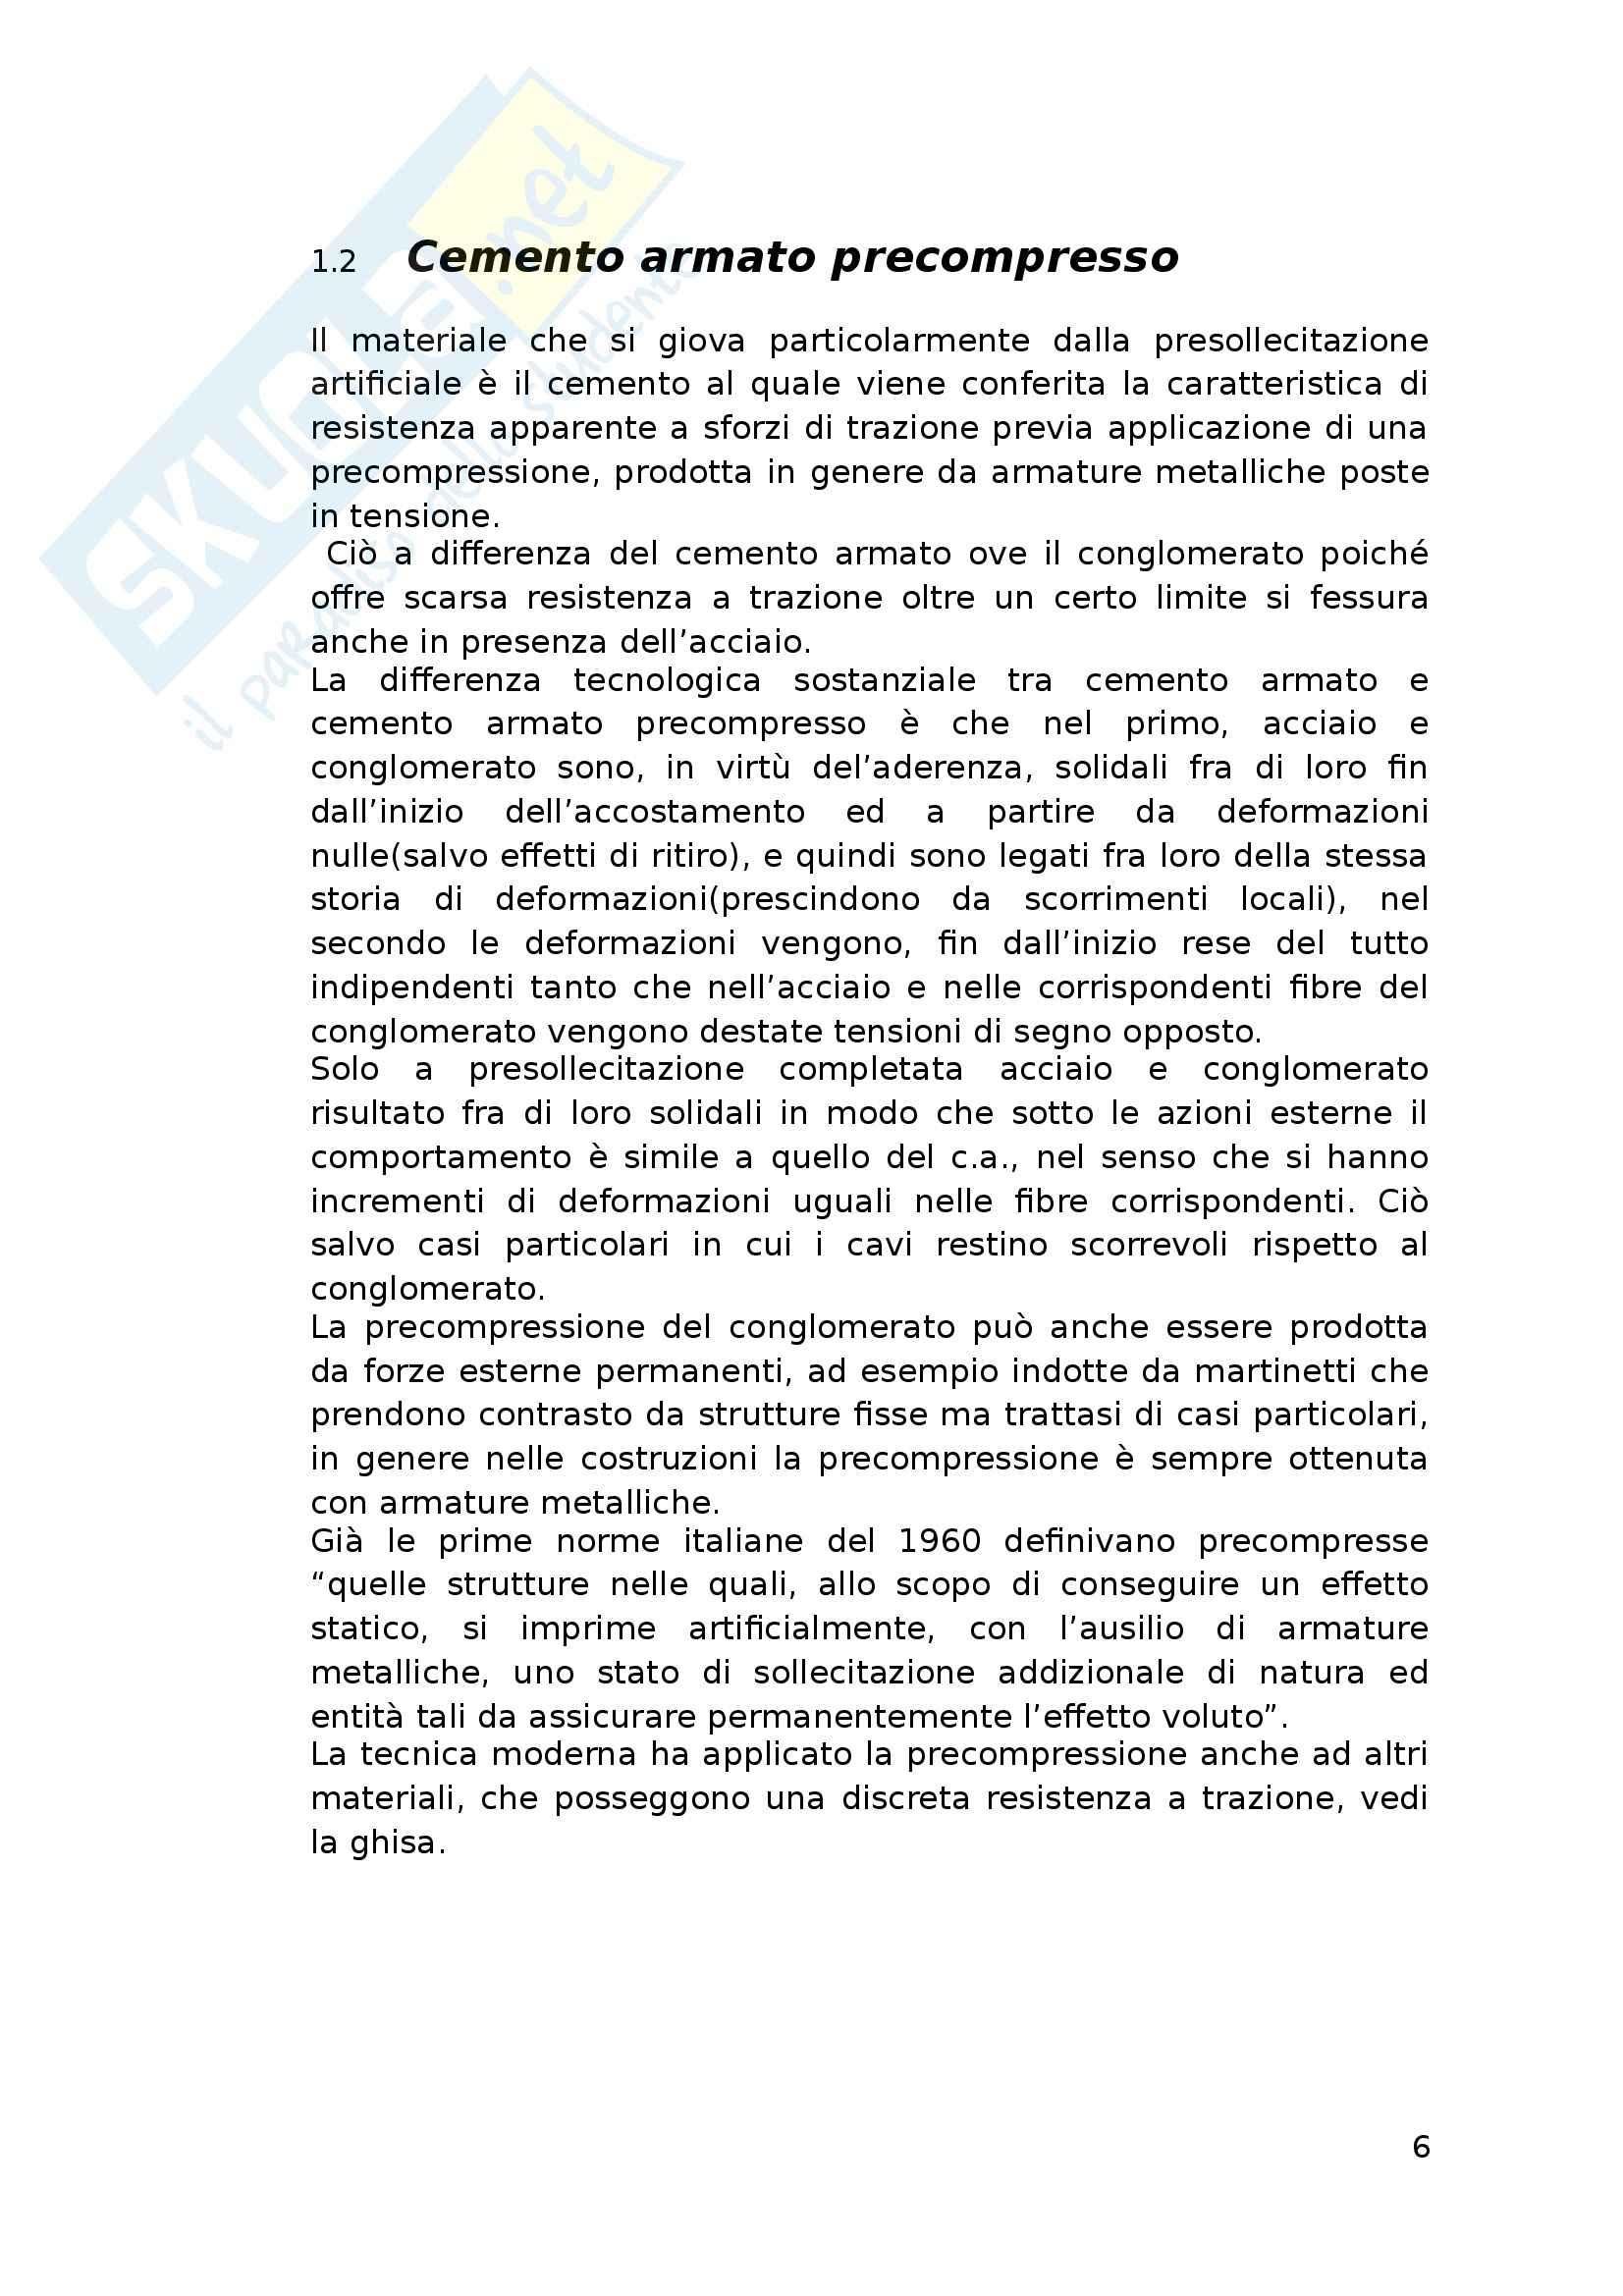 Tesi - Verifiche di travi in calcestruzzo armato precompresso secondo il D.M. 09/01/1996 e il D.M. 14/01/2008 Pag. 6